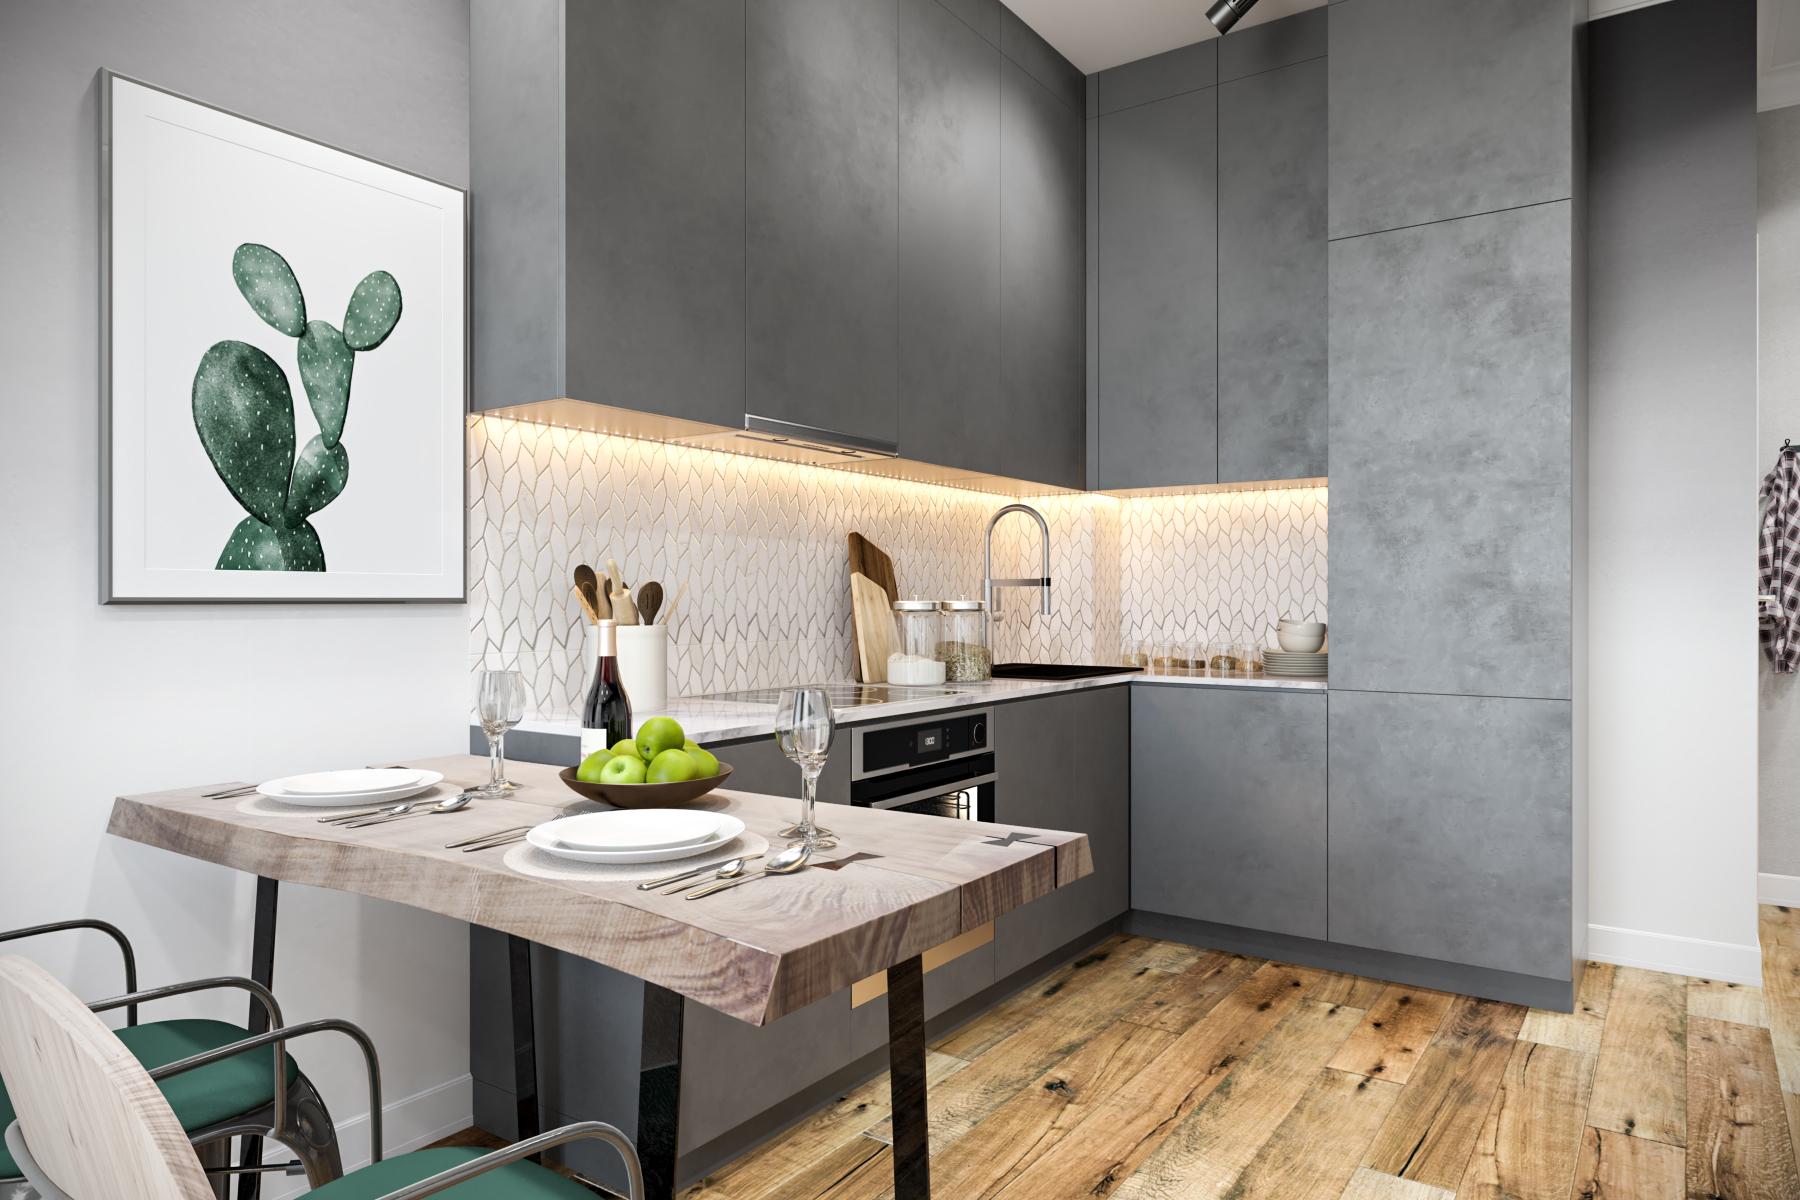 рабочий стол кухни под бетон фото прилагается оба